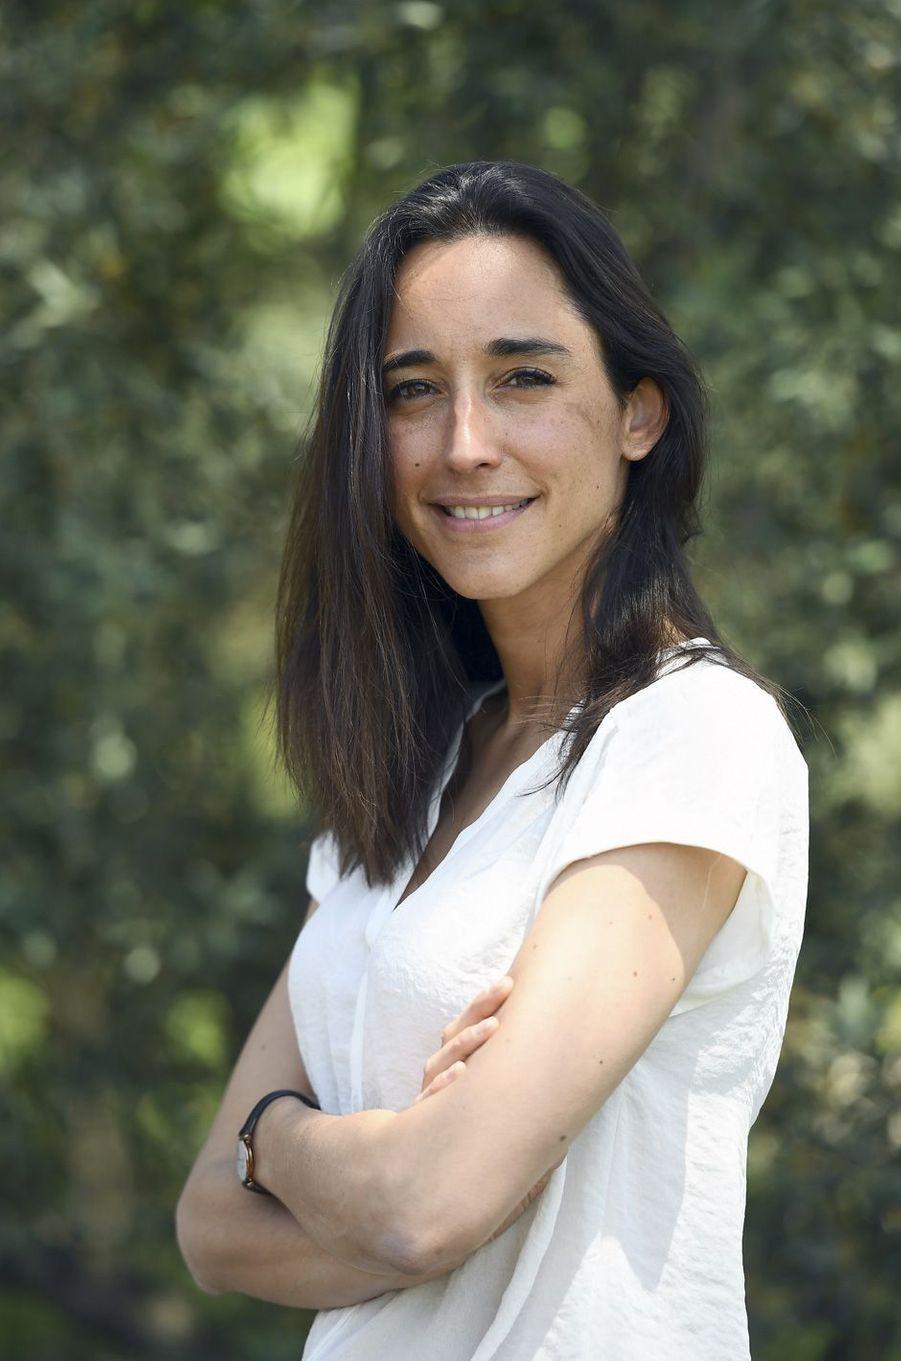 Brune Poirsona été nommé secrétaire d'Etat auprès du ministre de la Transition énergétique.